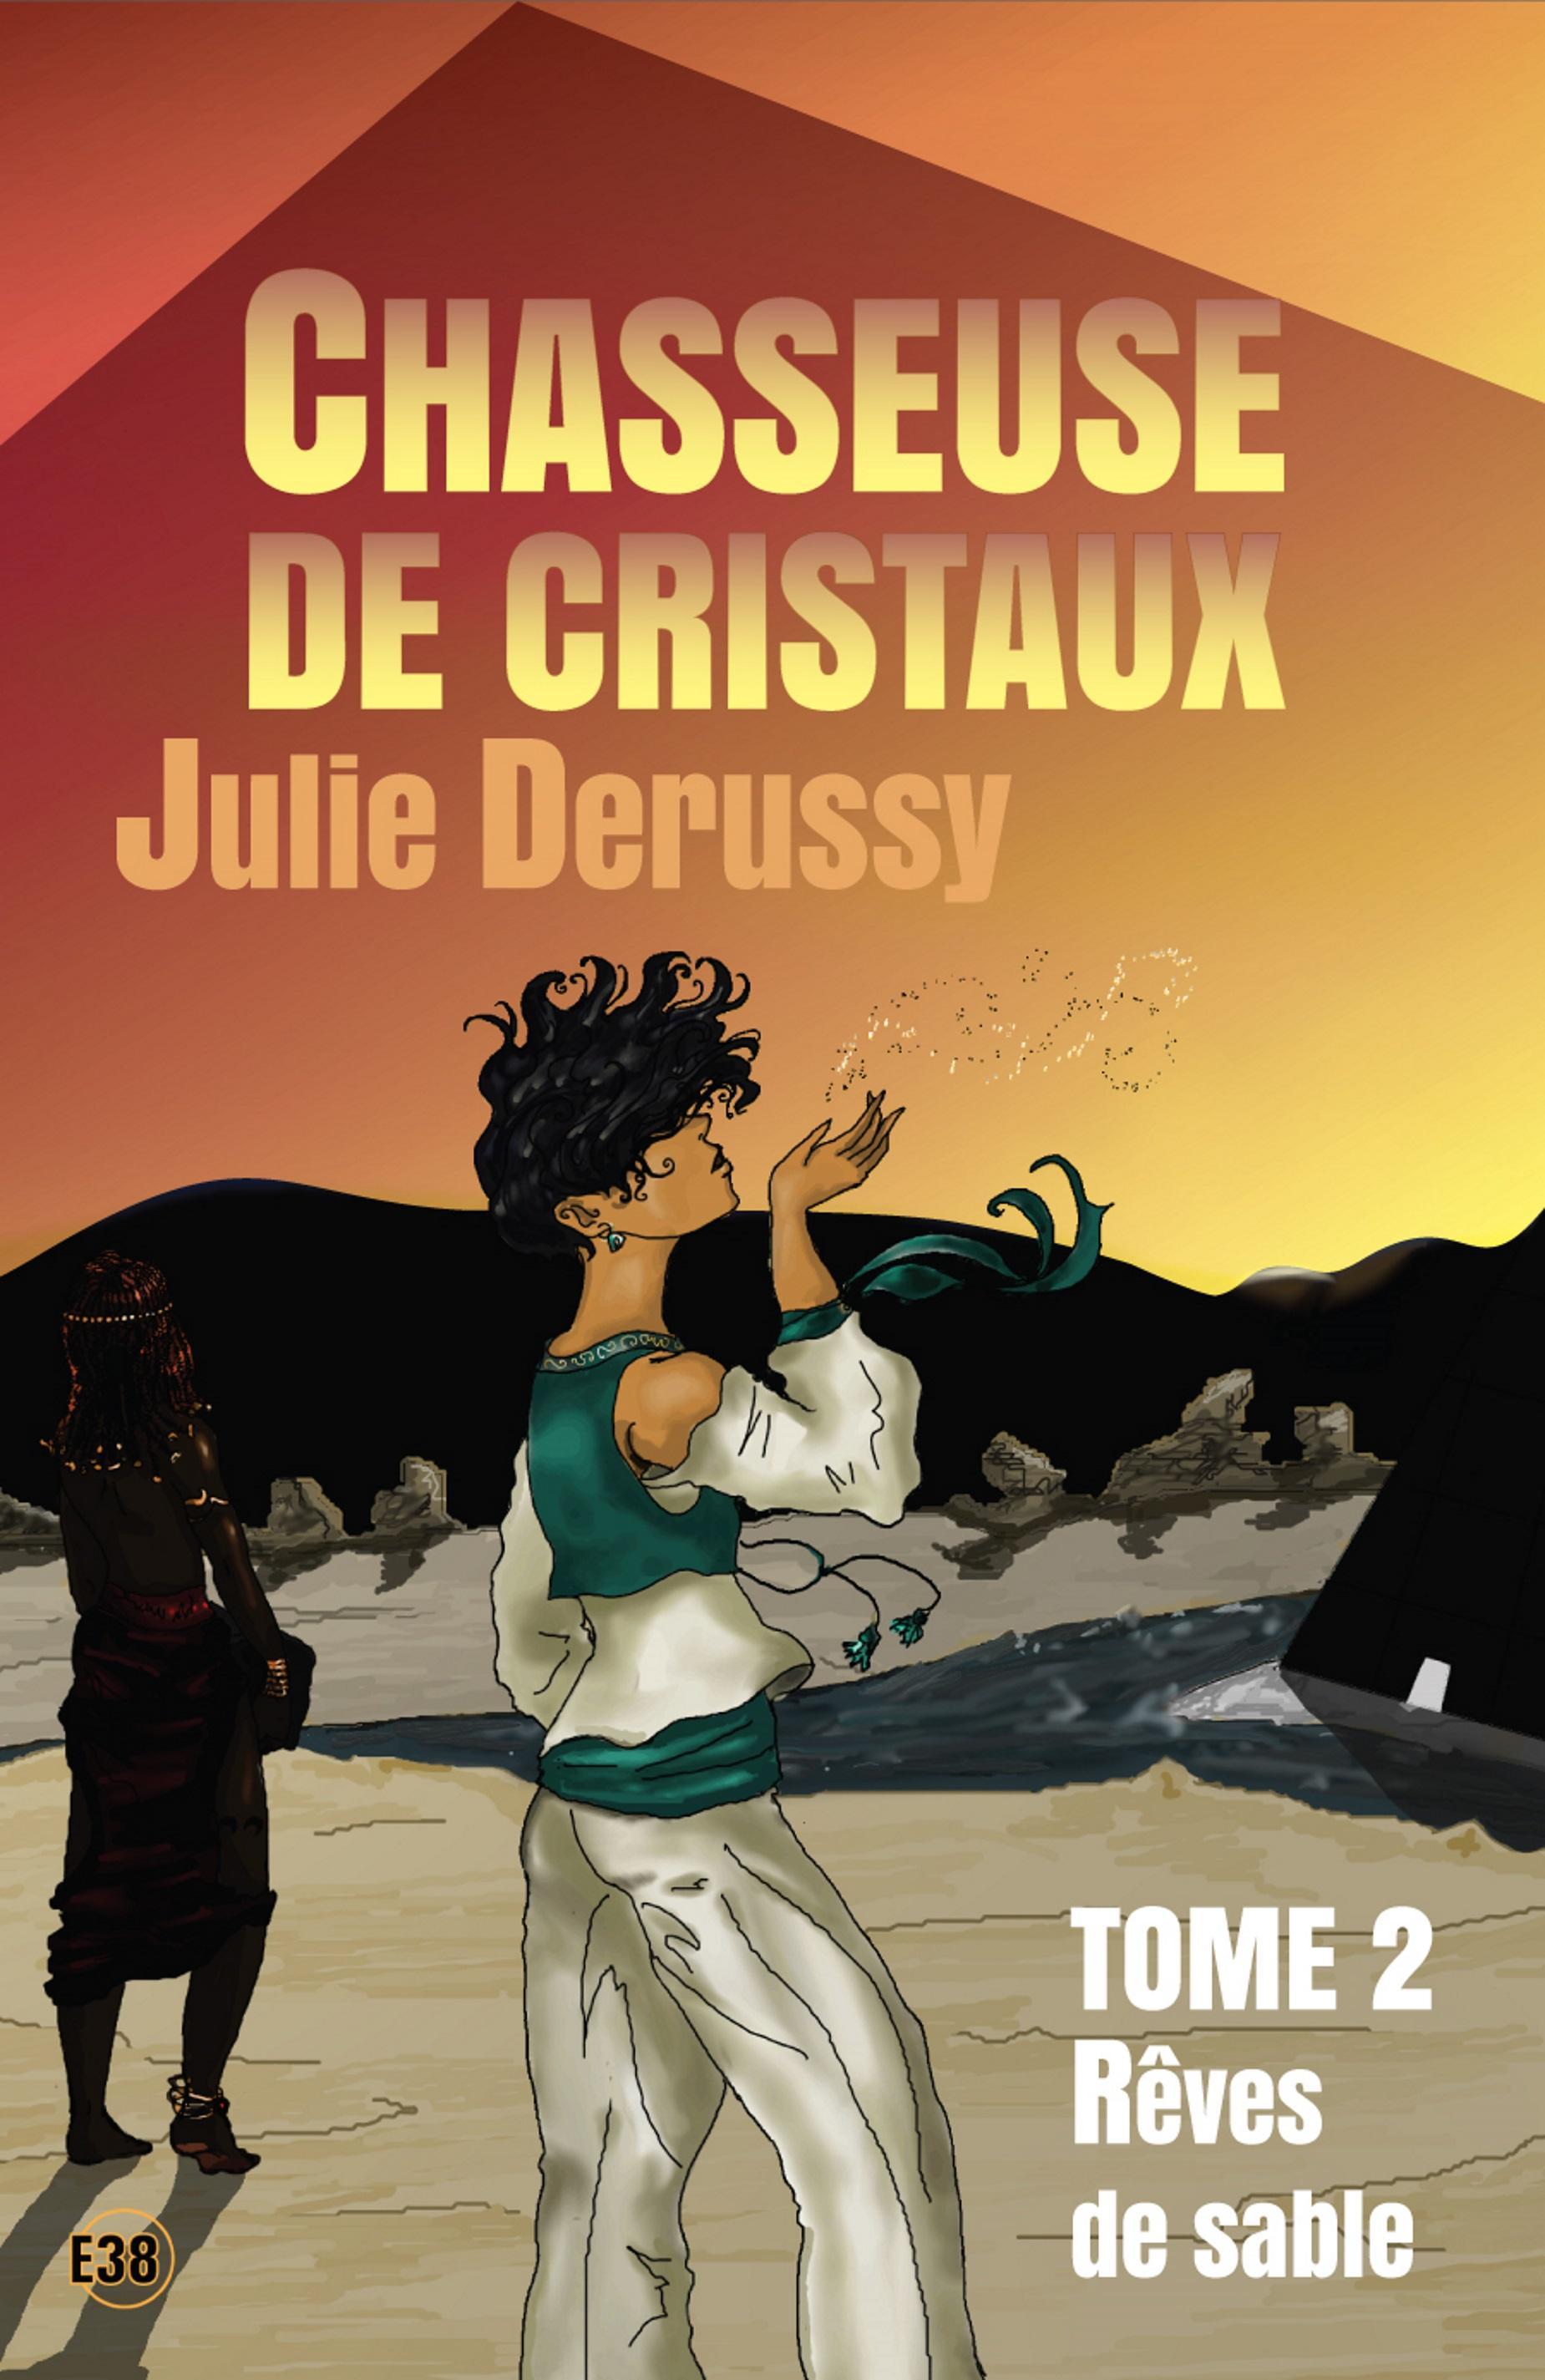 Rêves de sable, CHASSEUSE DE CRISTAUX TOME 2